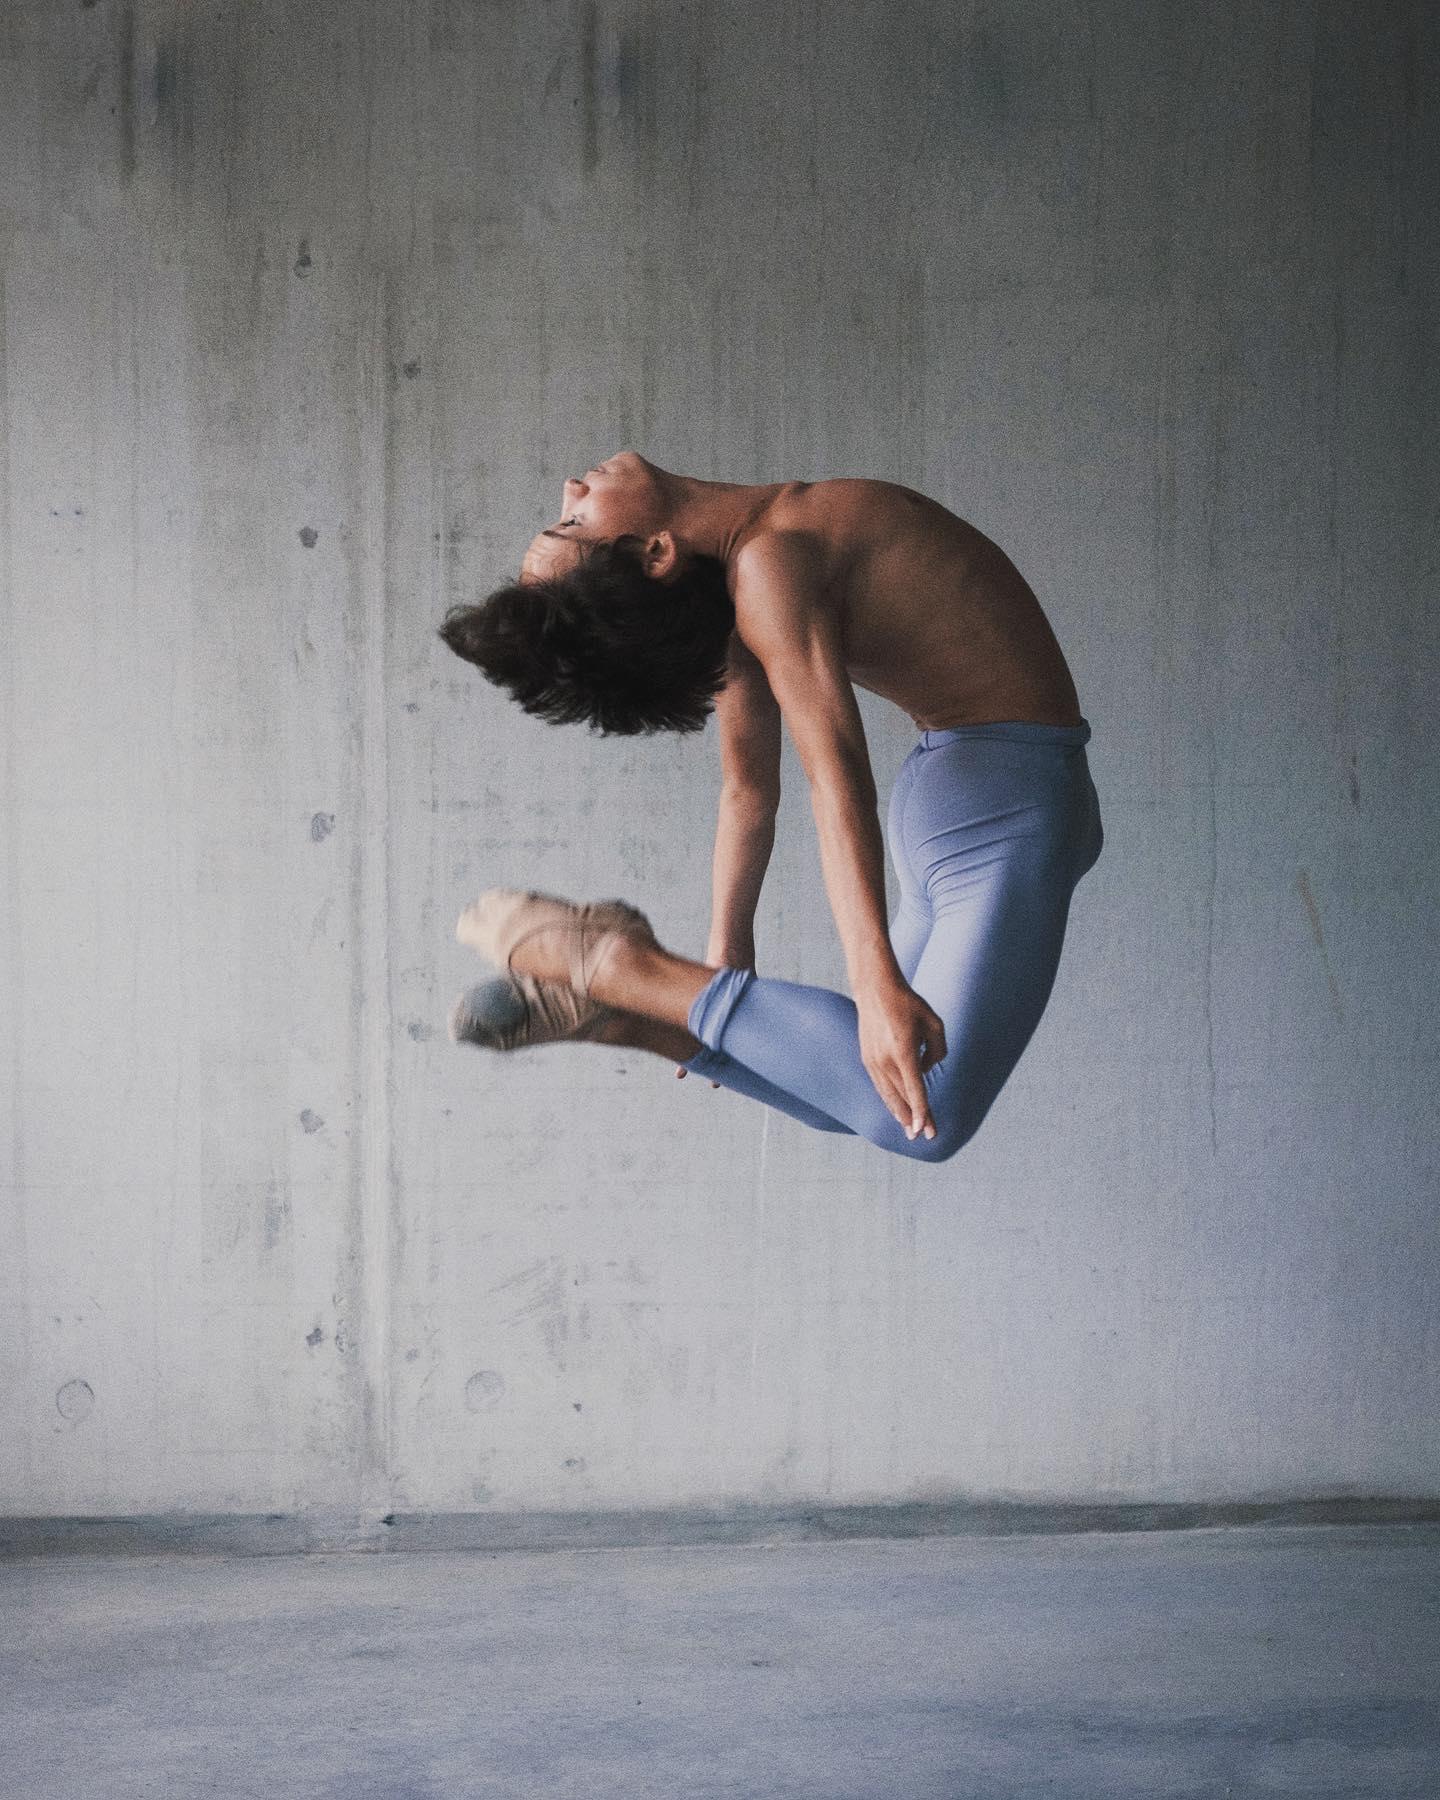 dansen jump ballerinaproject ballerinapassion ballerino ballerina dansproject fuji_xseries fujifilmbelgium fujifilmx fujixt2 dans fujifilm dance ballet koninklijkeballetschoolantwerpen